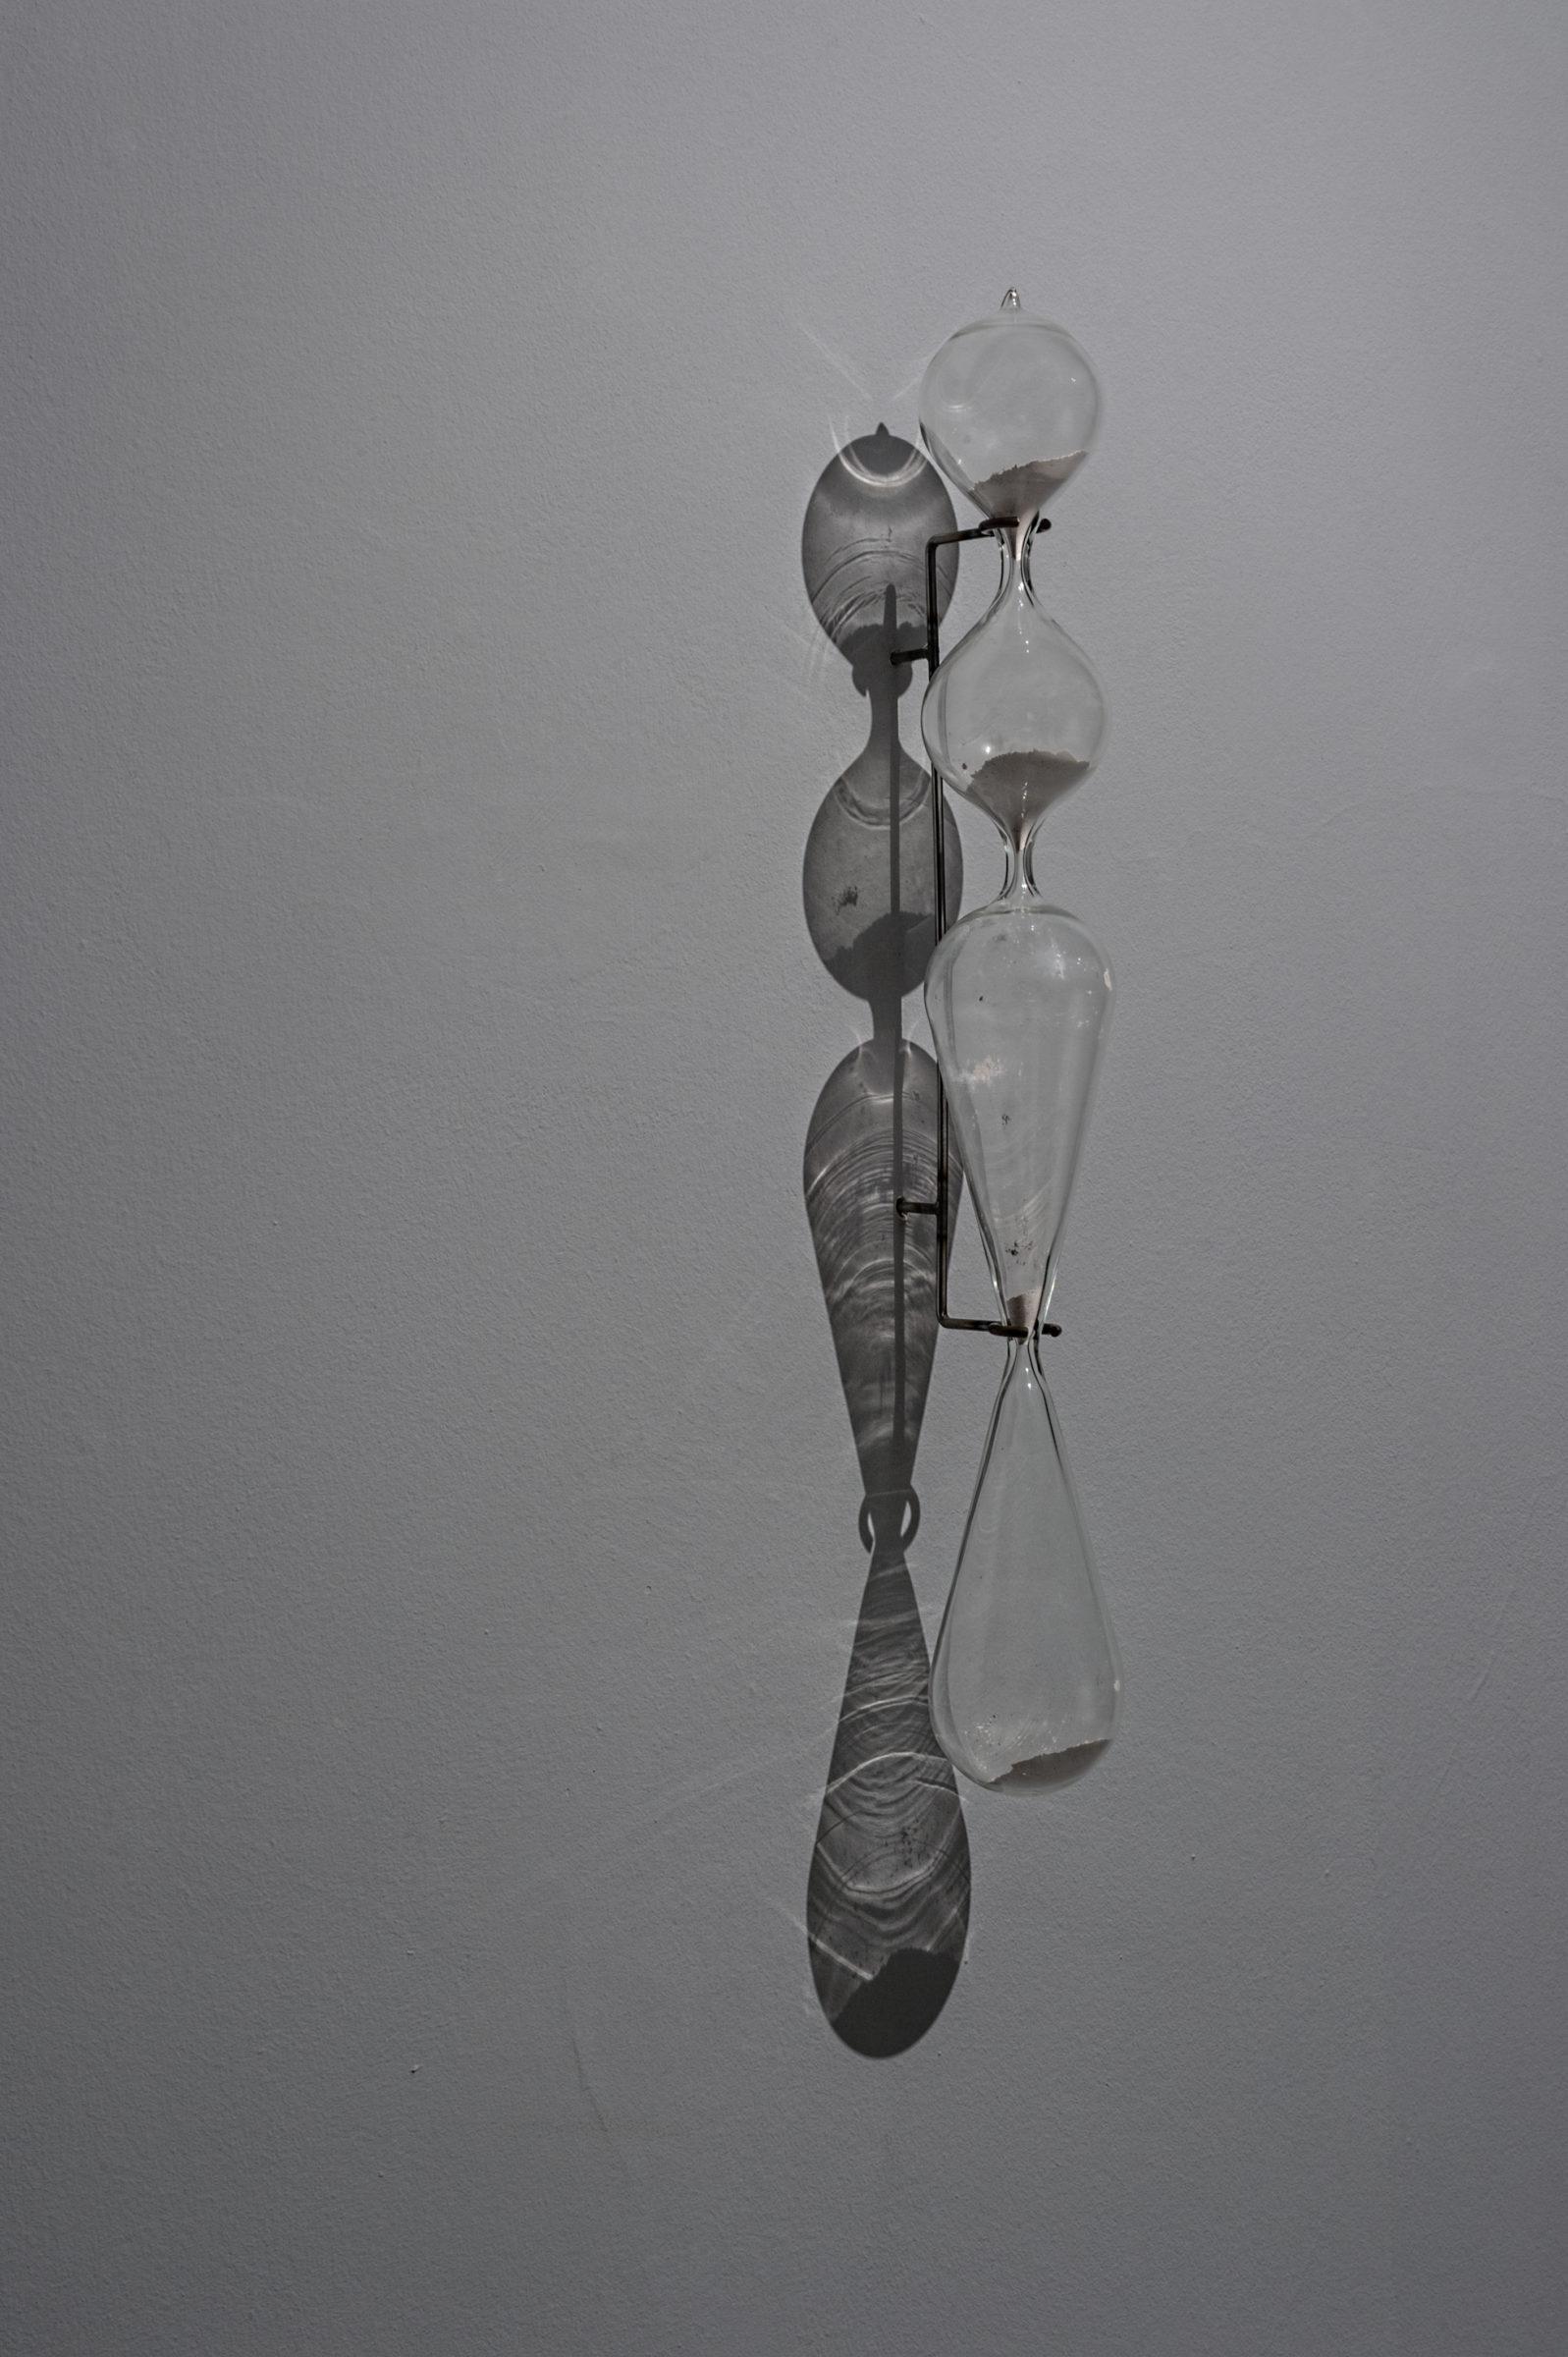 Marco Gobbi, Depositati restiamo noi che non serviamo, polvere di conchiglia, vetro, ferro, 80x10x15cm, 2016